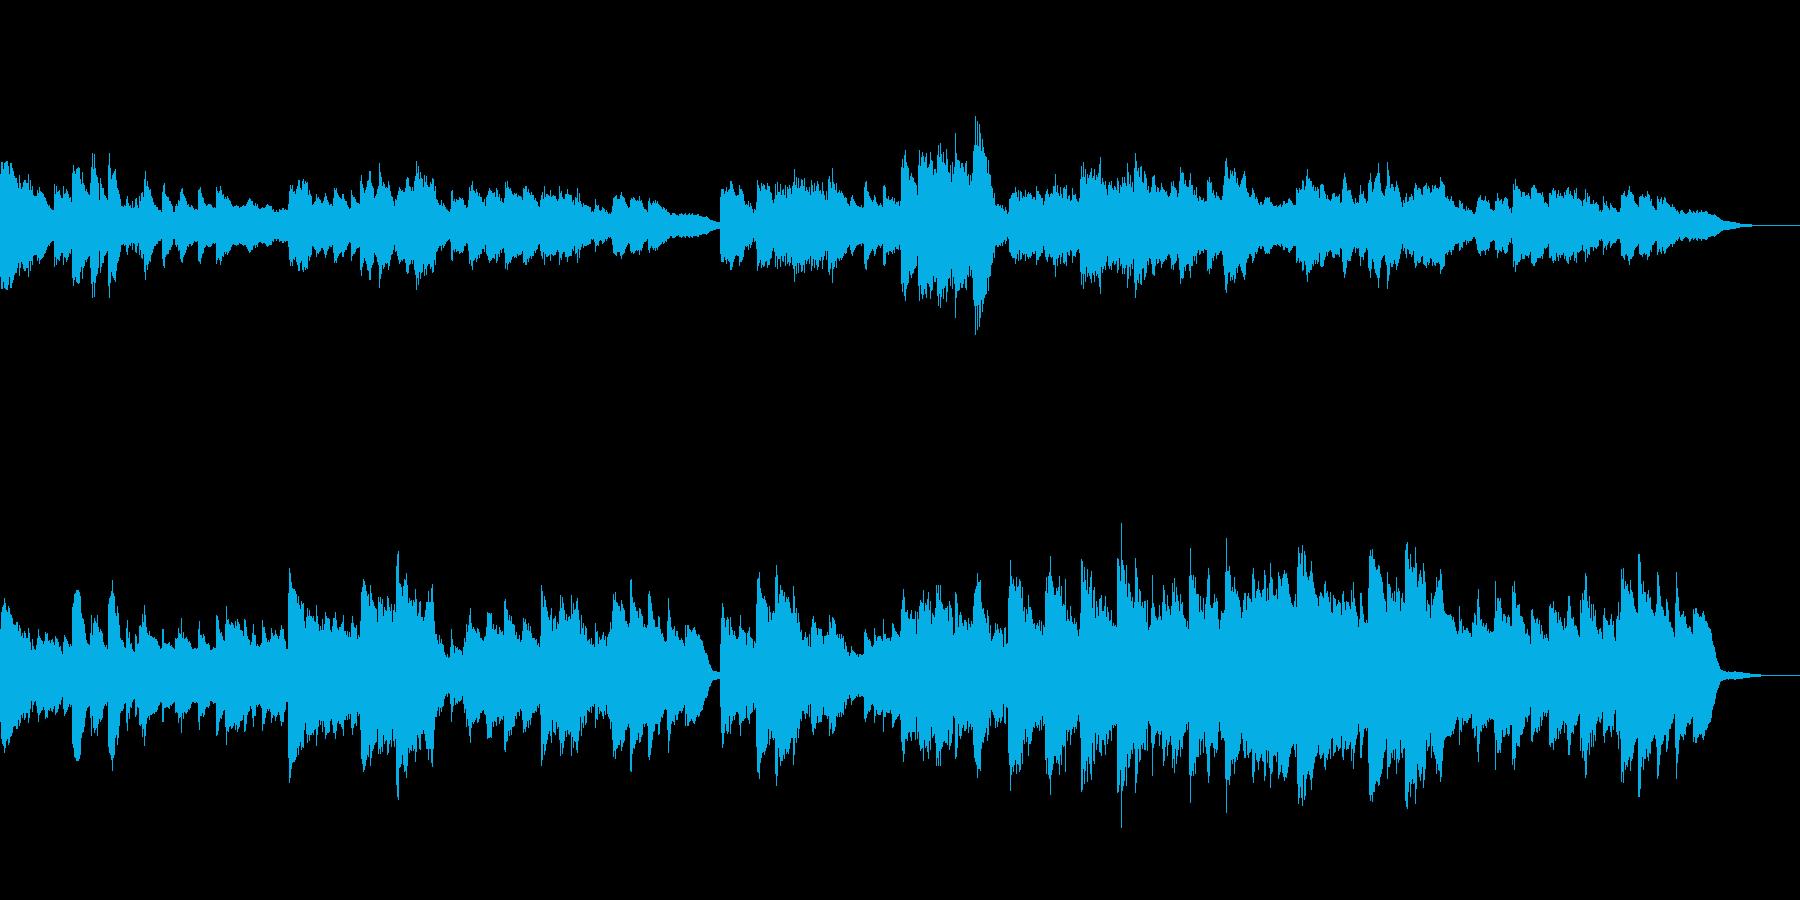 古いピアノ録音音源風BGMの再生済みの波形